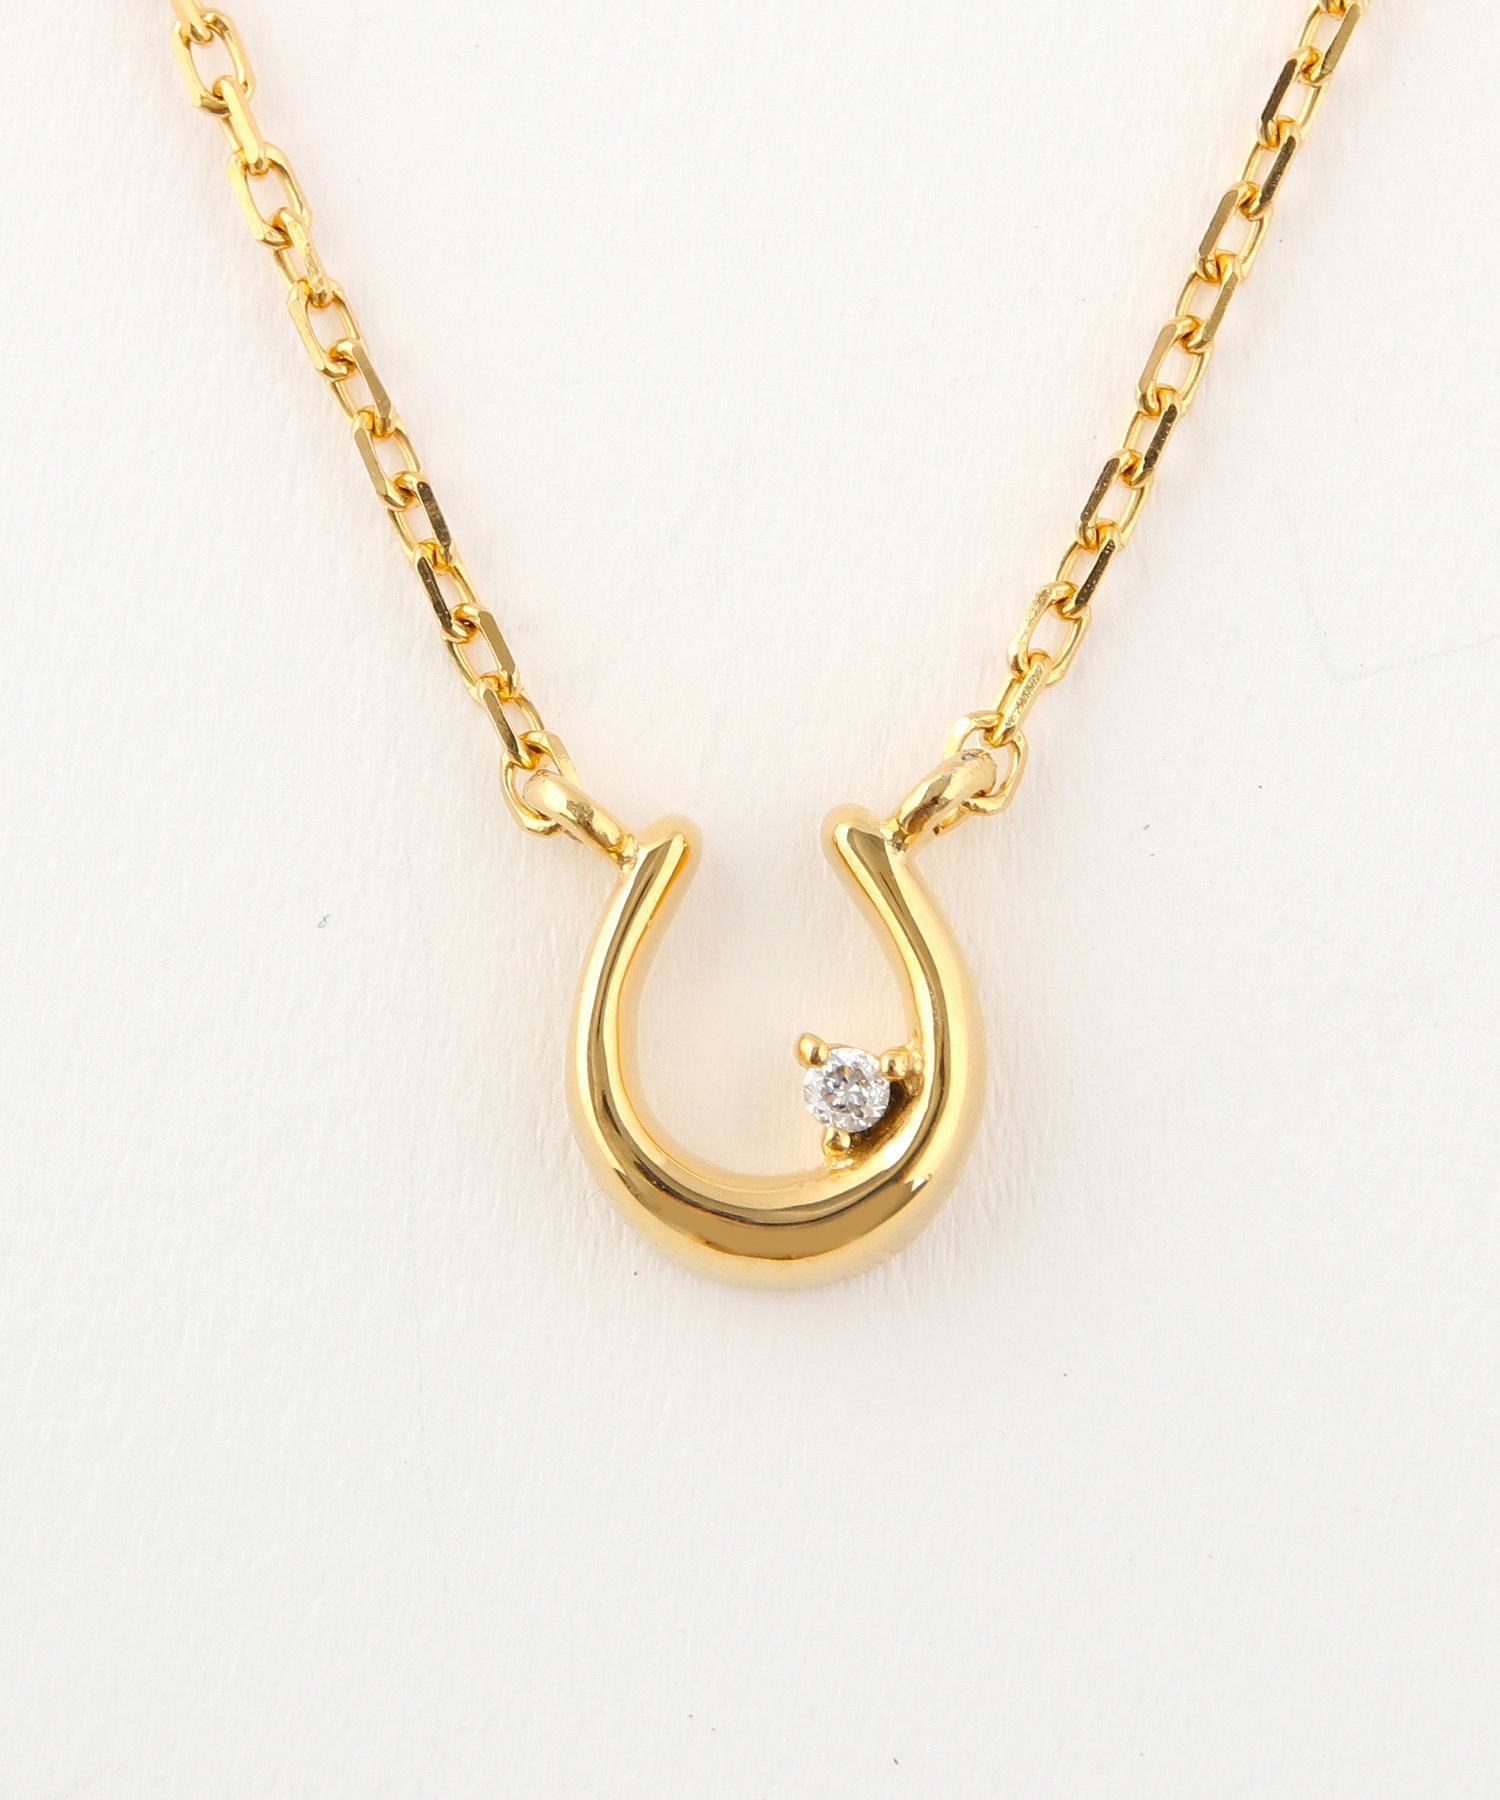 ディアマンティーニ ホースシュー×ダイヤモンド ネックレスの写真